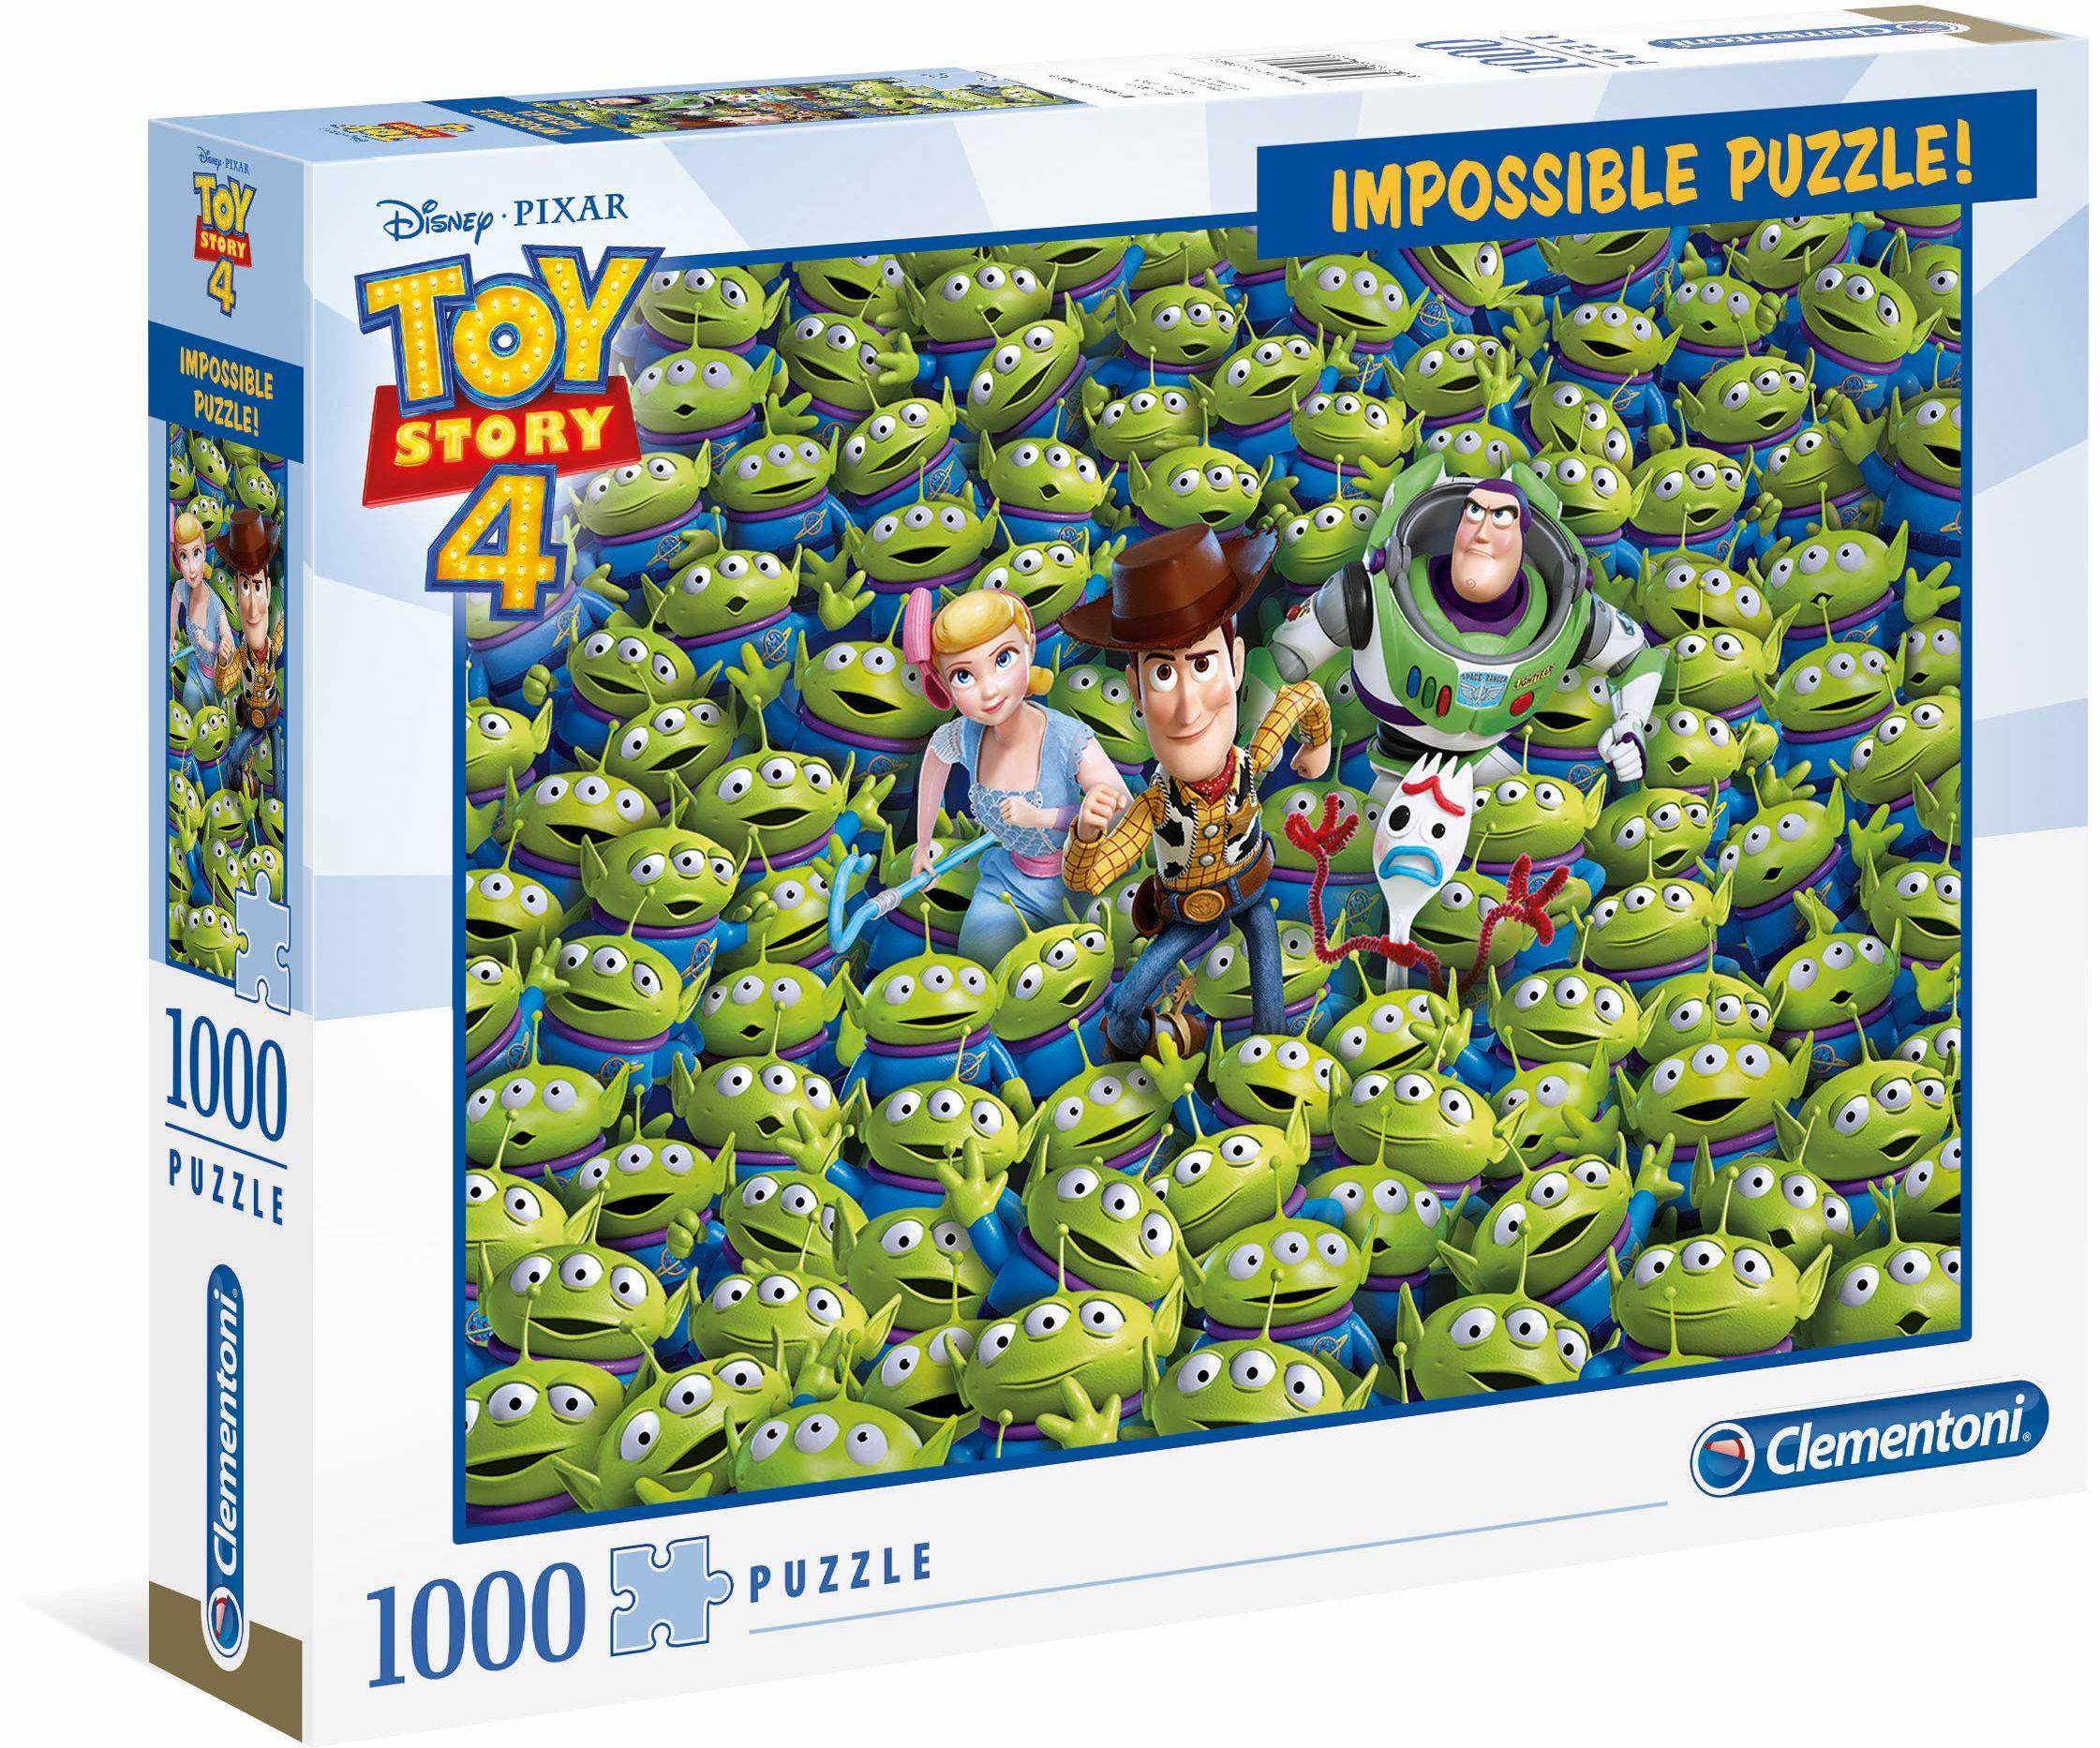 Clementoni 39499 39499-Niemożliwe Disney Toy Story 4-1000 sztuk, puzzle dla dorosłych, wielokolorowe